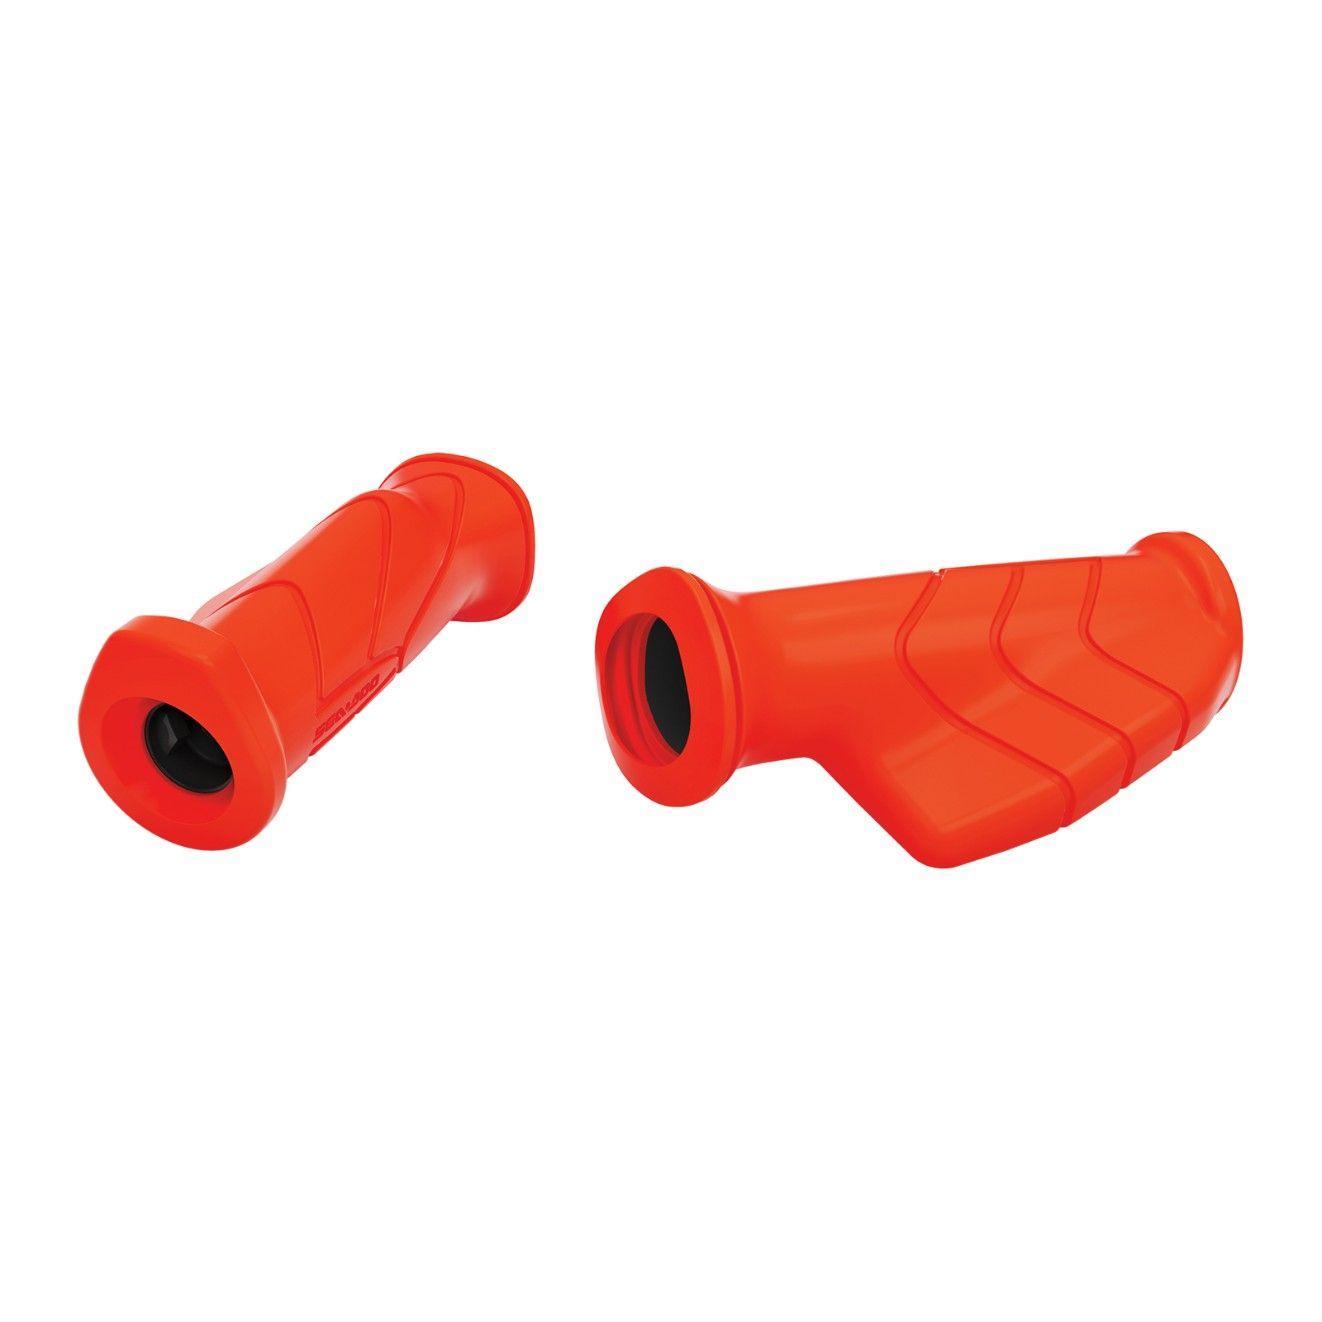 Manopola Ergonomica con Poggiapolsi Sinistra Colore Rosso -SeaDoo